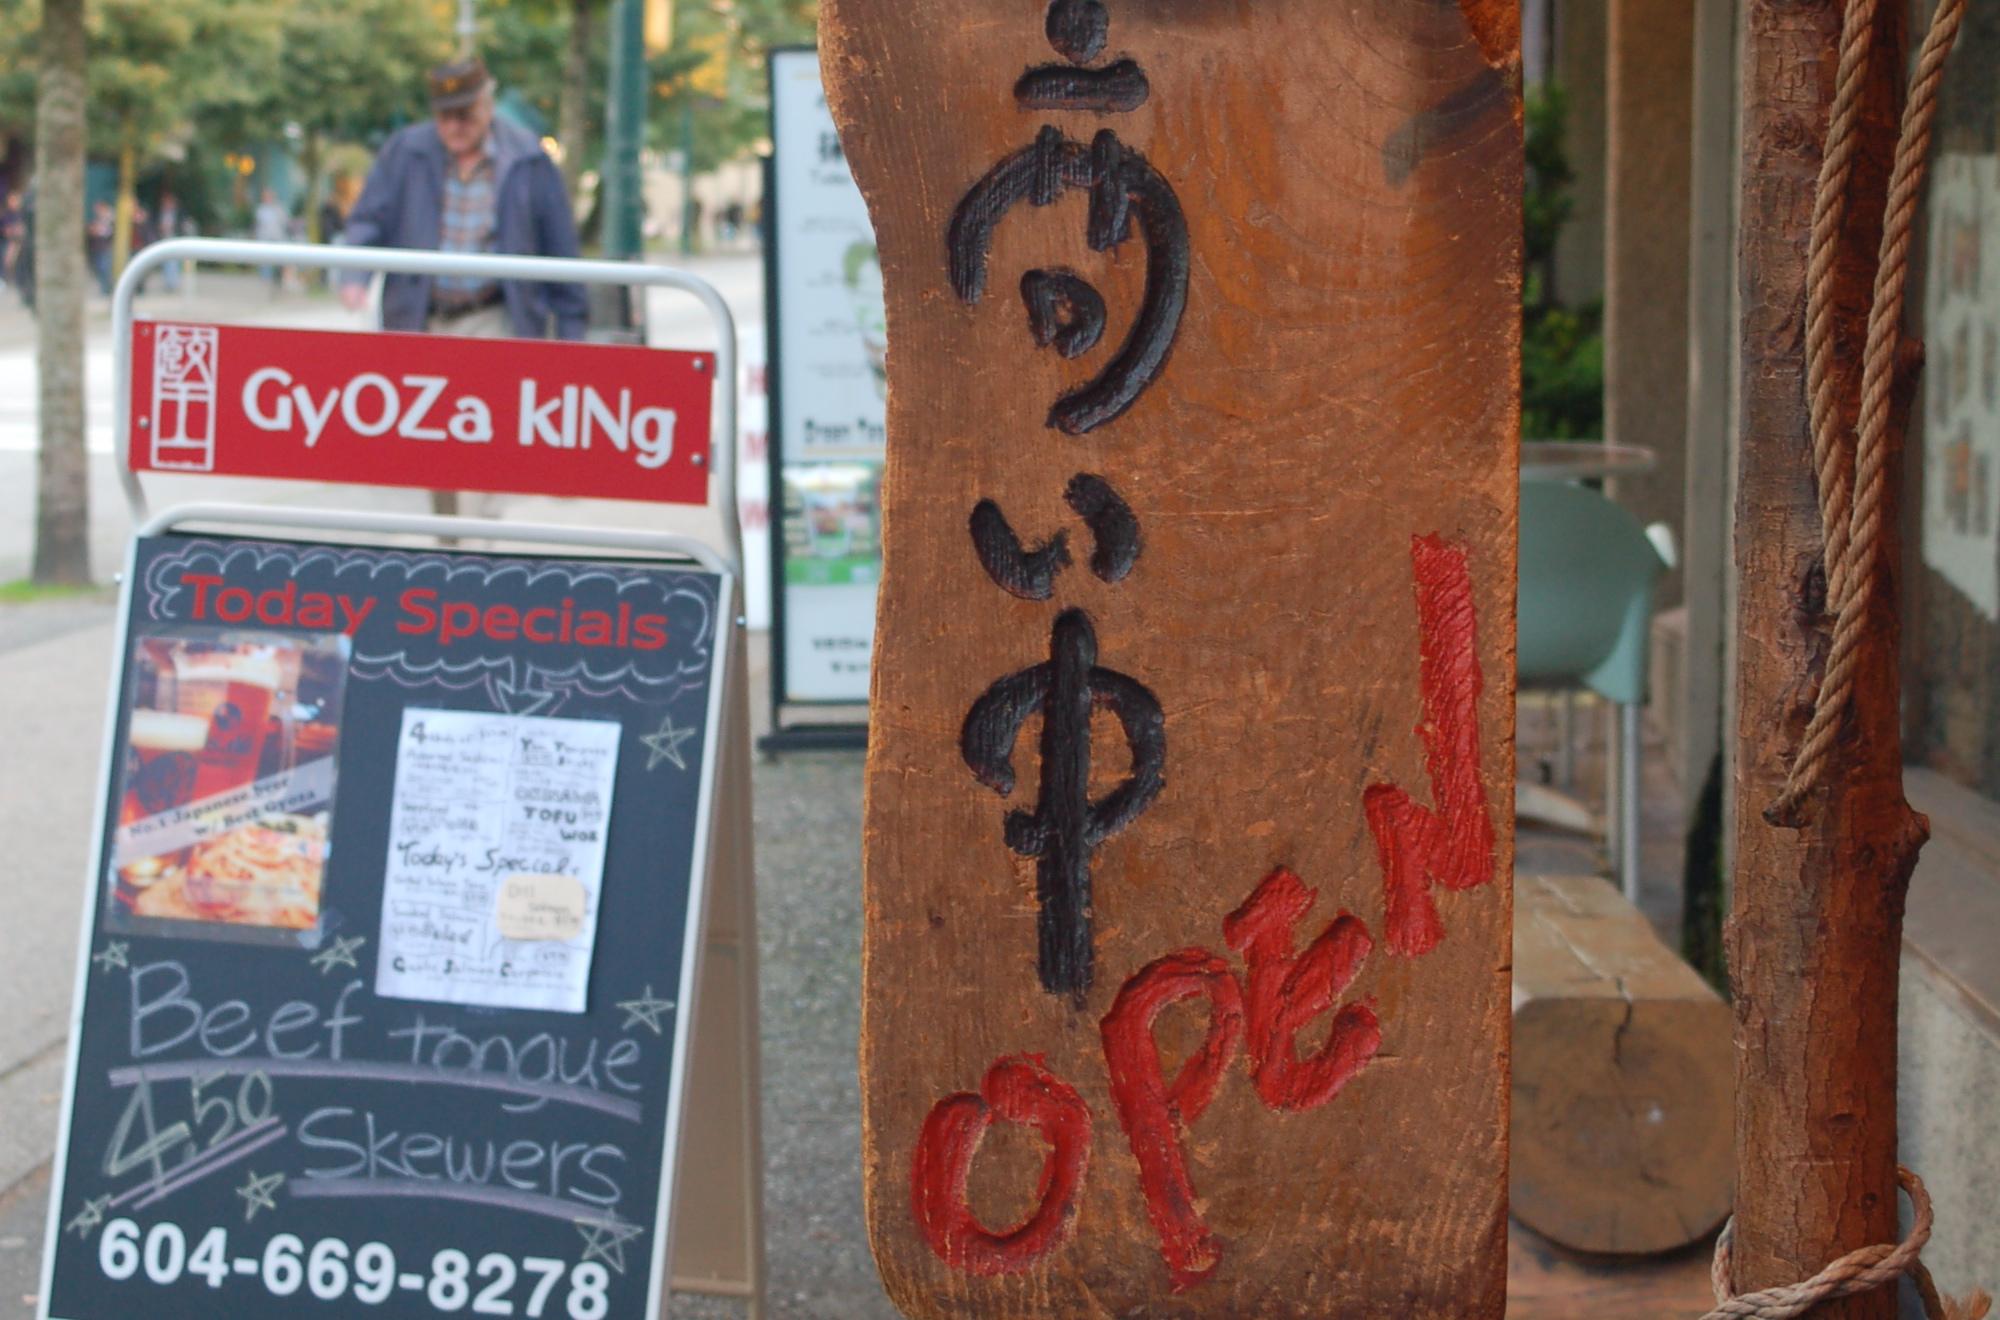 Vancouver's Chinatown voor talloze authentieke Aziatische gerechten. Bezoek het Chinese Cultural Centre, het Sam Kee gebouw of de Classical Chinese Garden.